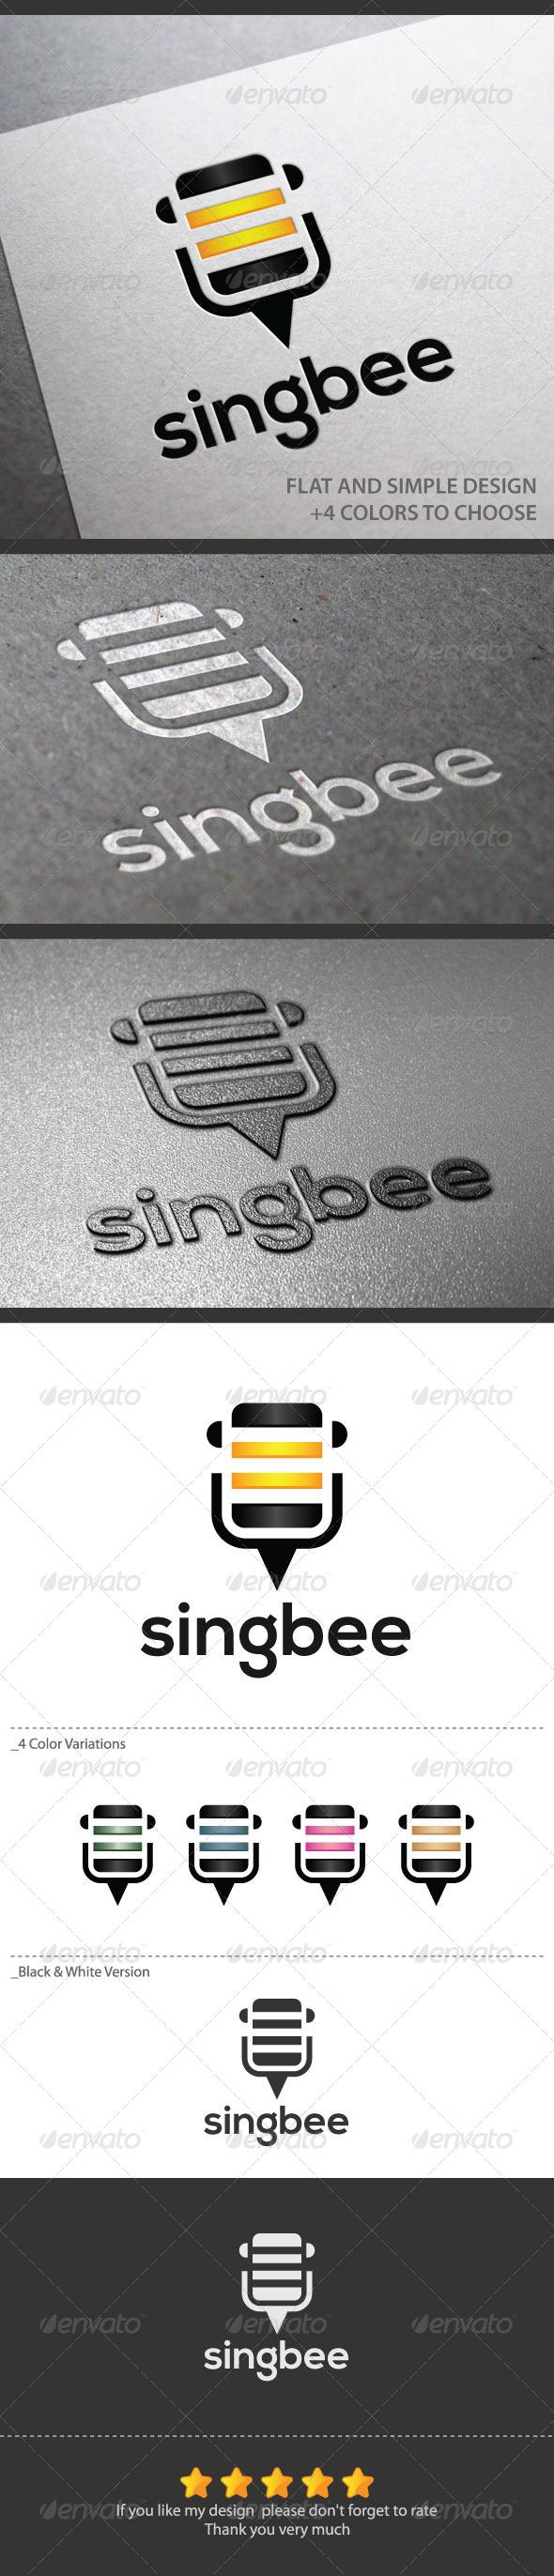 GraphicRiver Singbee 5926998